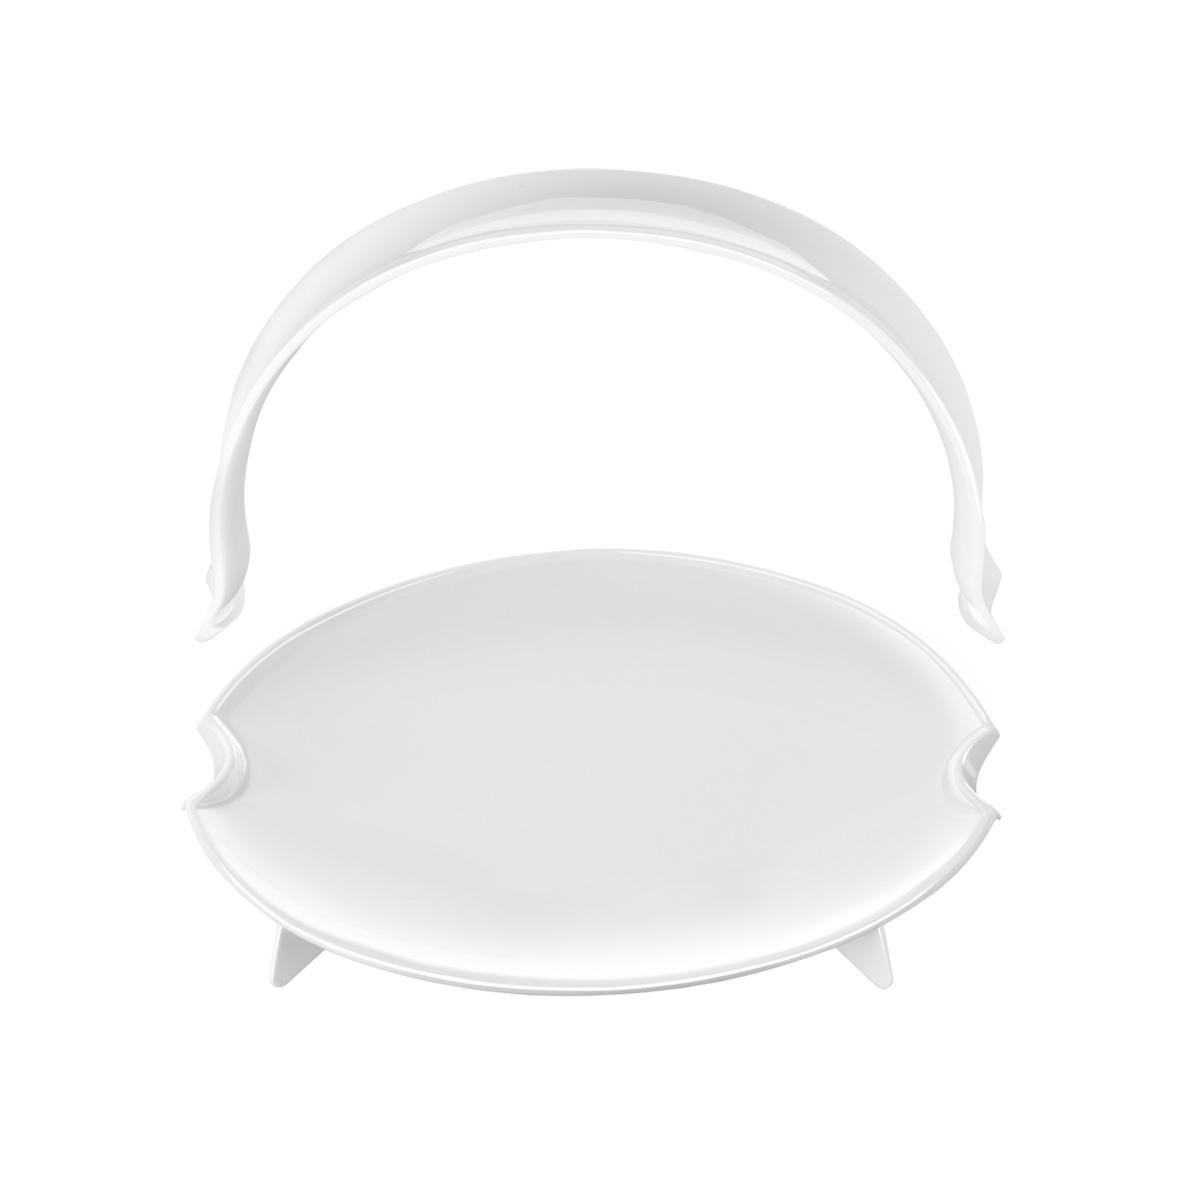 Napařovací talíř PRESTO Steam ø 24 cm